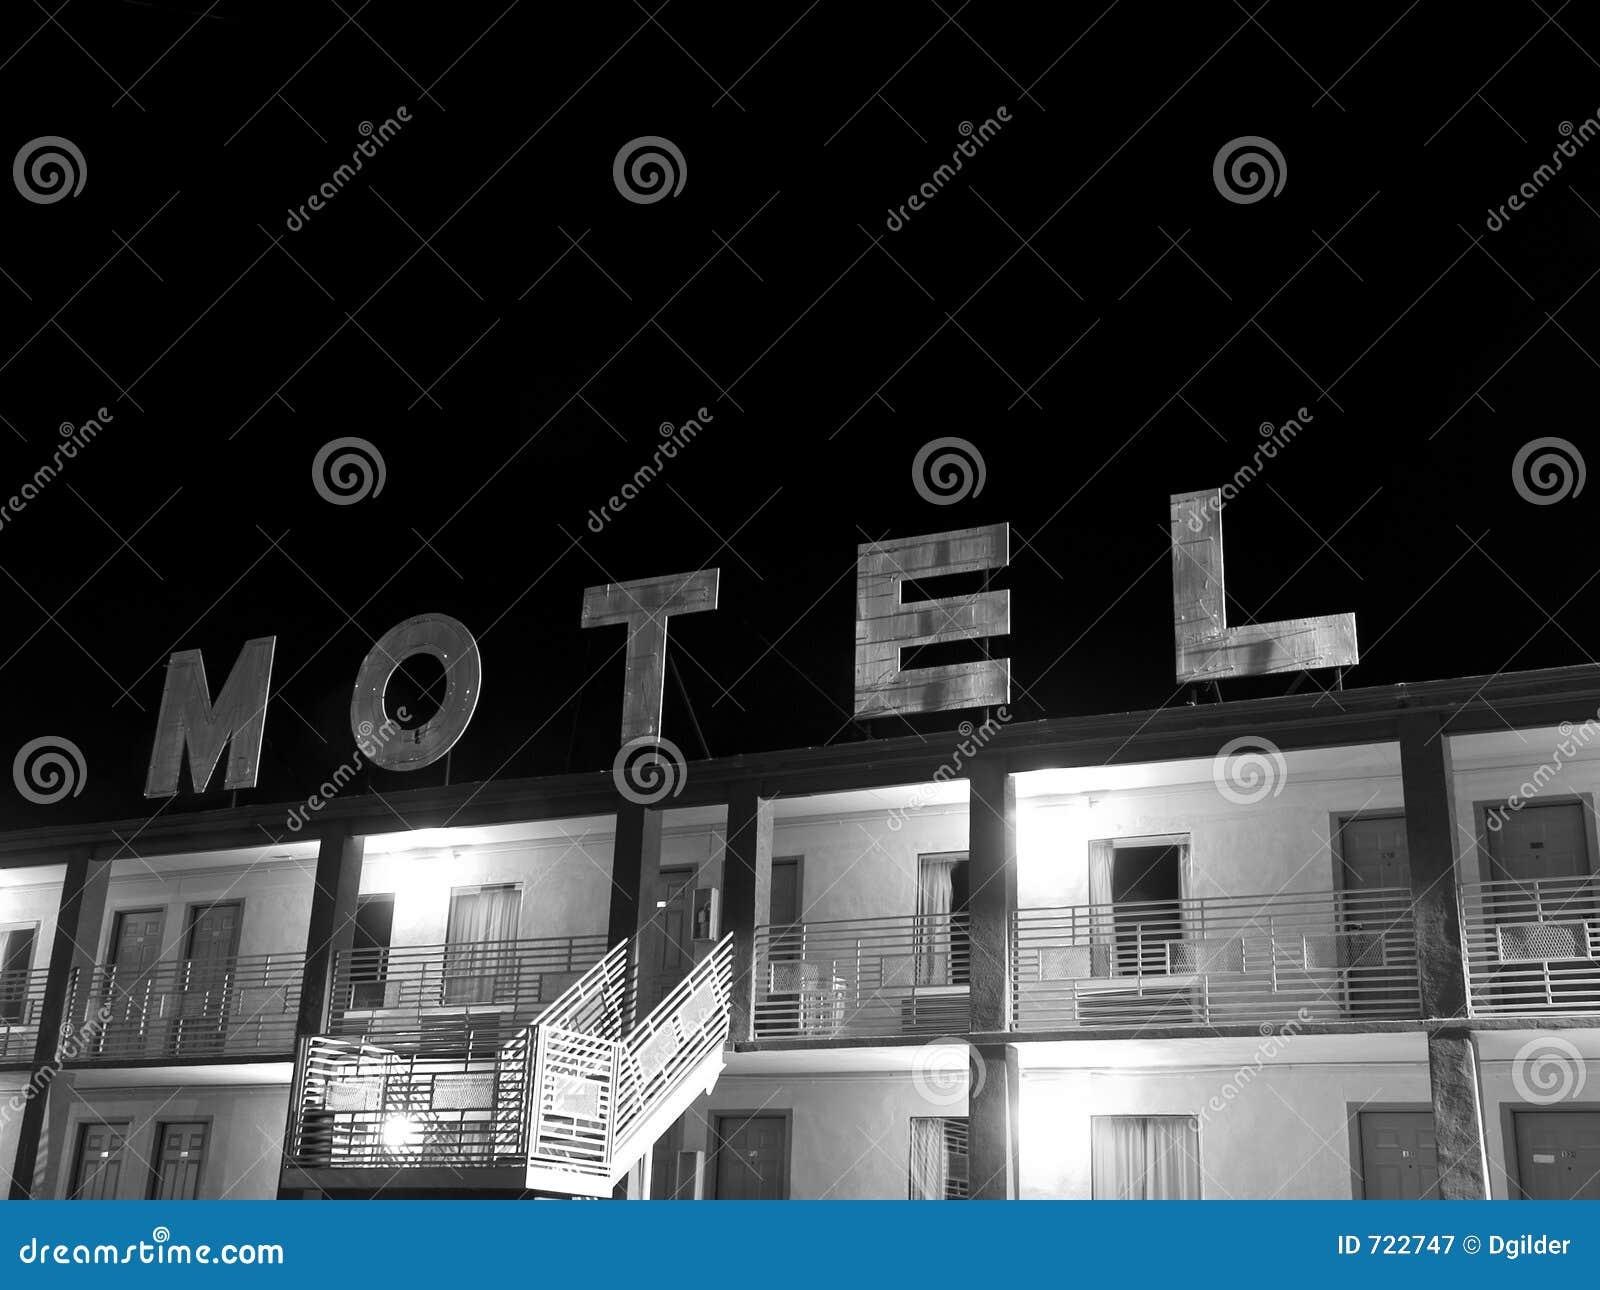 En el motel hotel despues de clases - 3 7